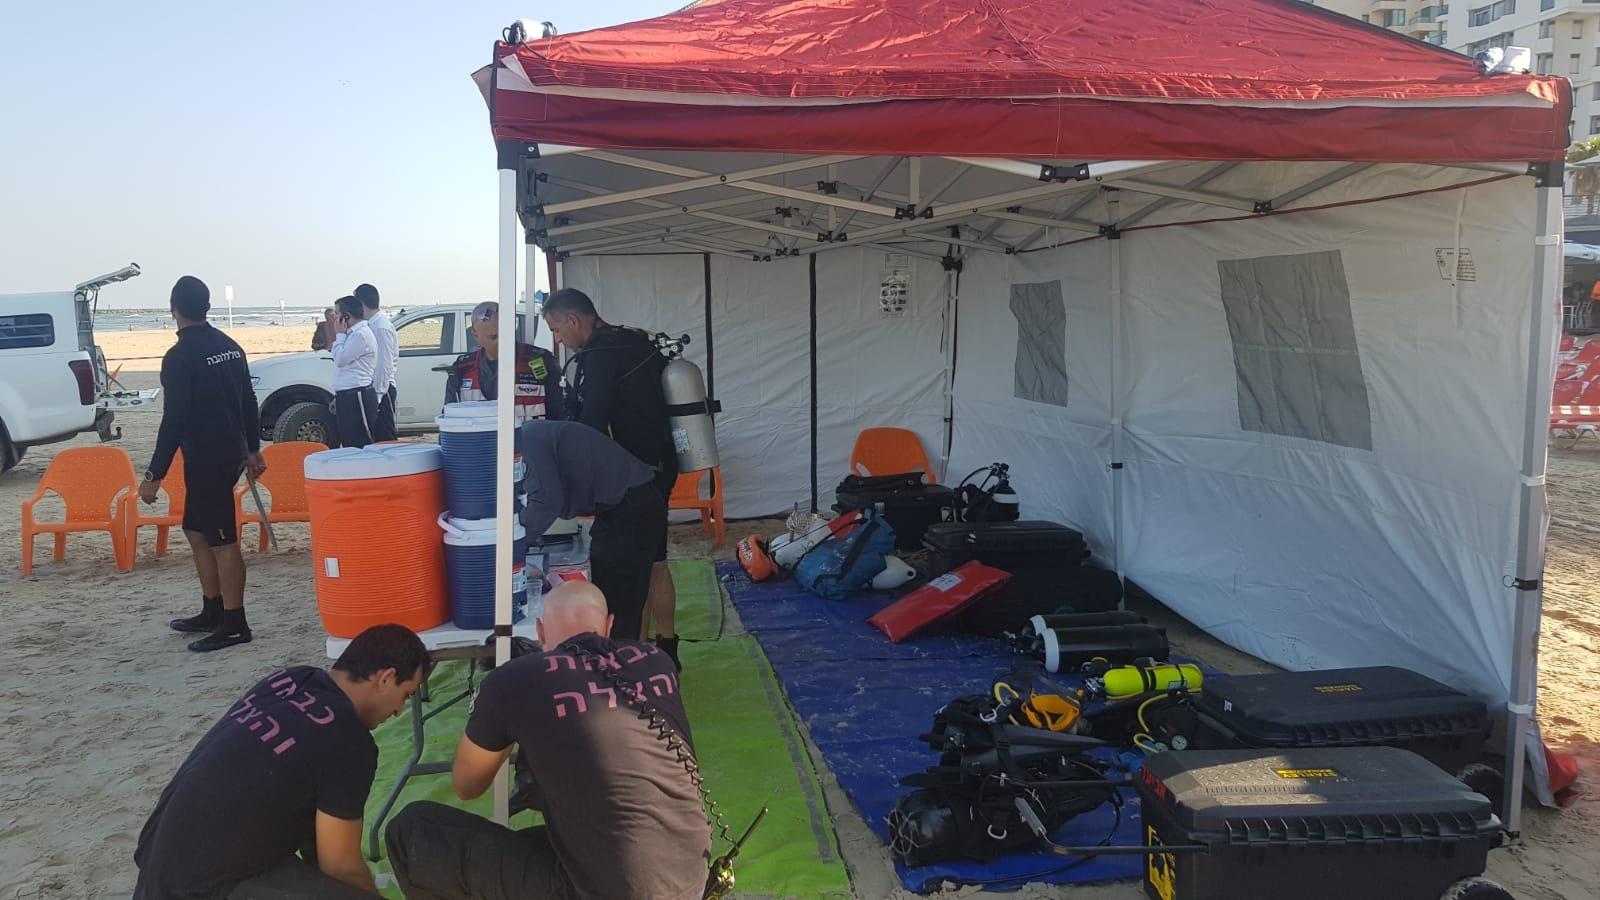 العثور على جثة شاب فقدت آثاره في منطقة شاطئ  الدولفينريوم بتل أبيب